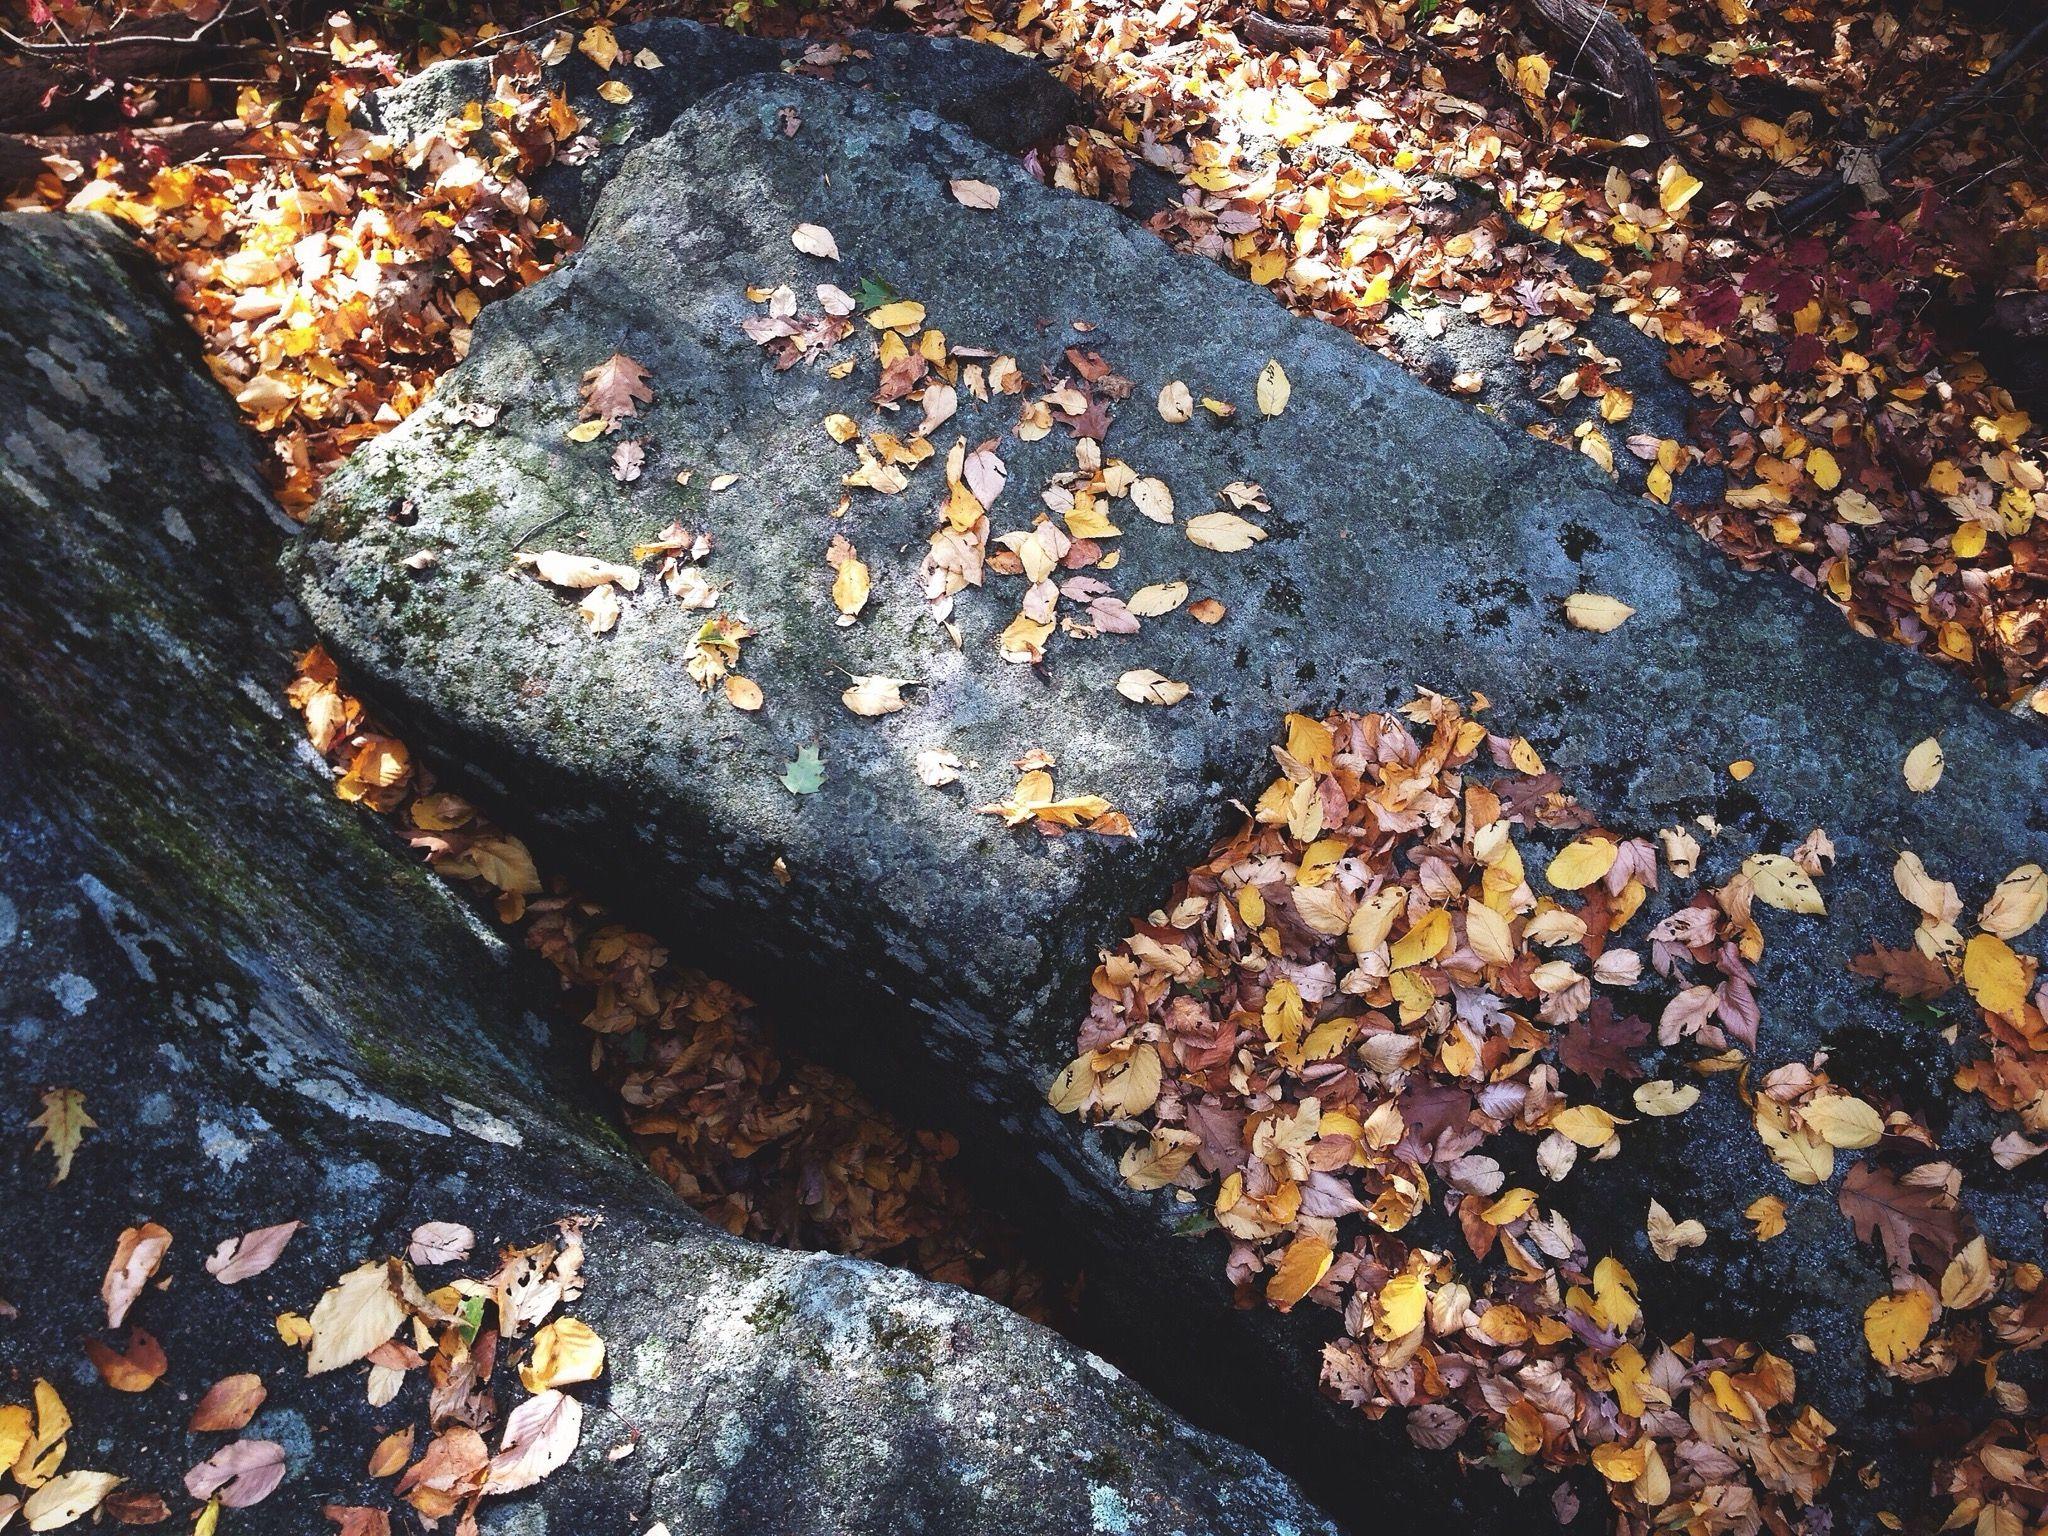 Autumn leaves on rocks